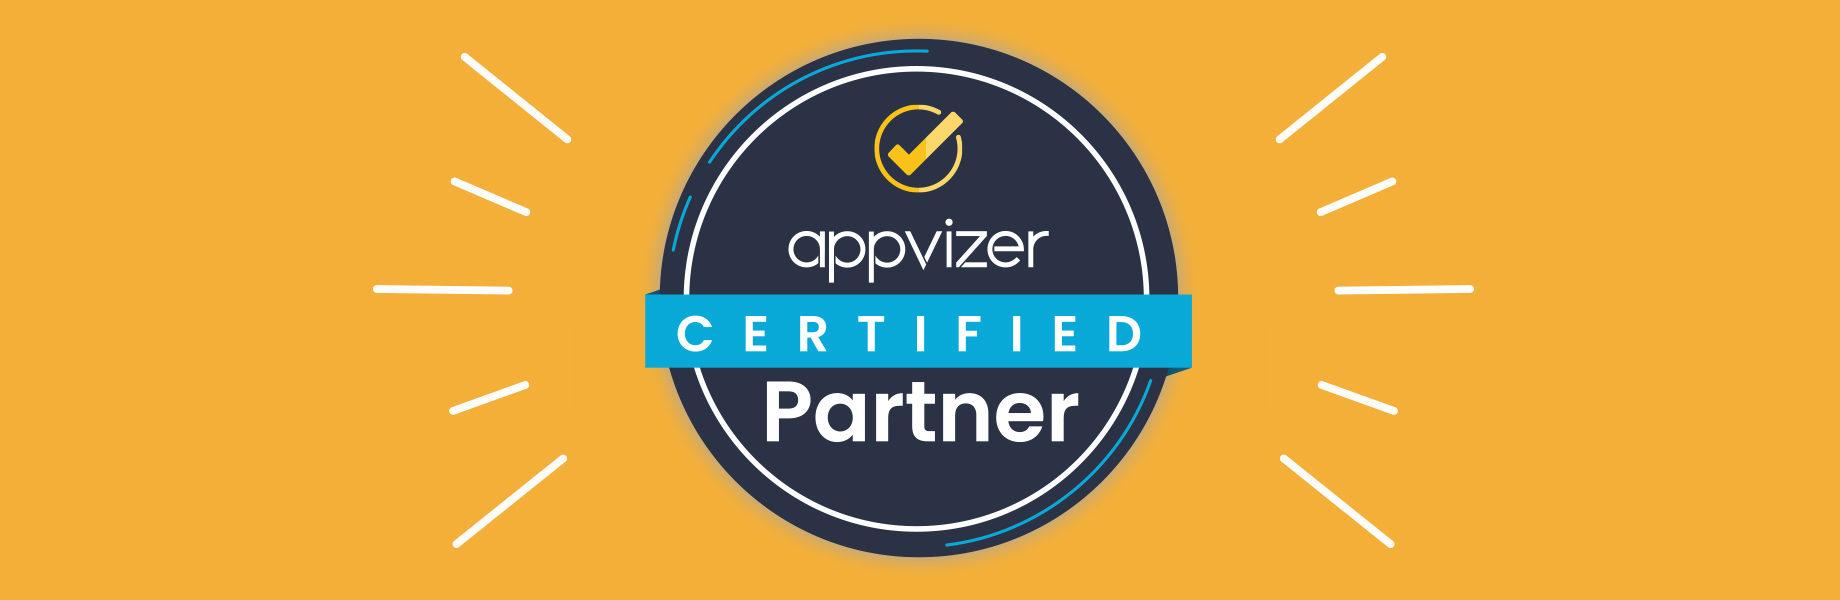 Pourquoi un badge Certified Partner appvizer est attribué à un logiciel ?